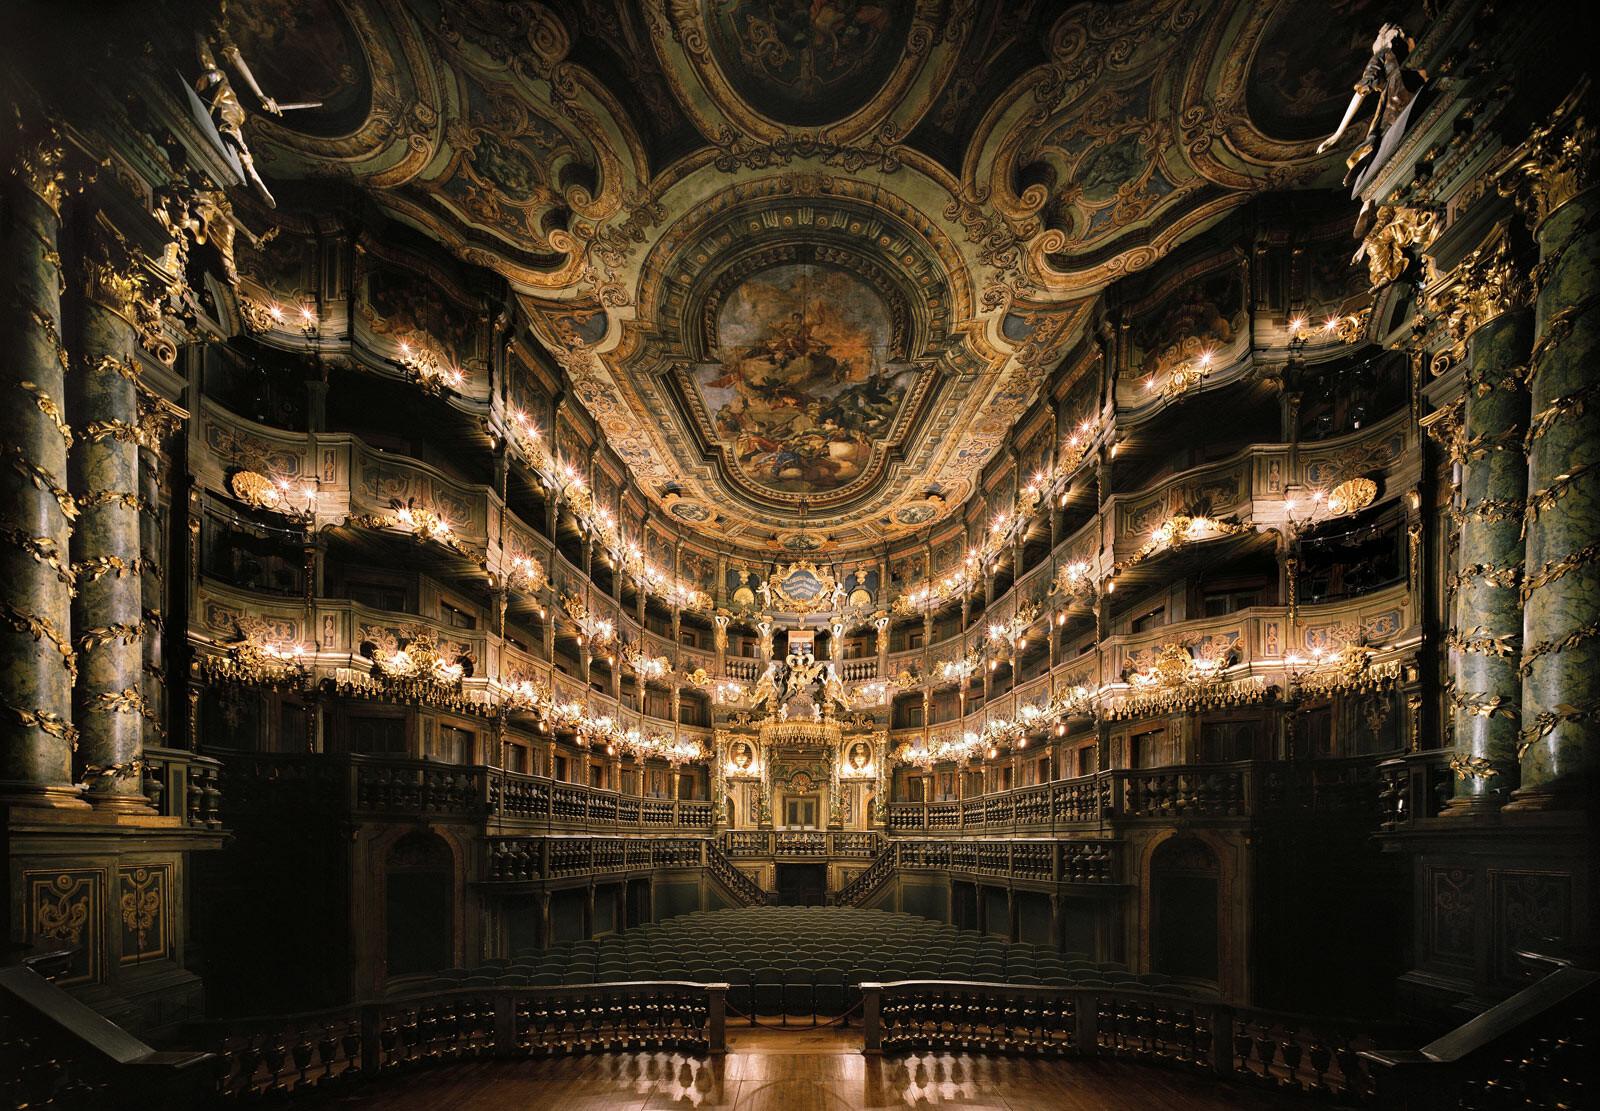 Markgräfliches Opernhaus Bayreuth - Rafael Neff